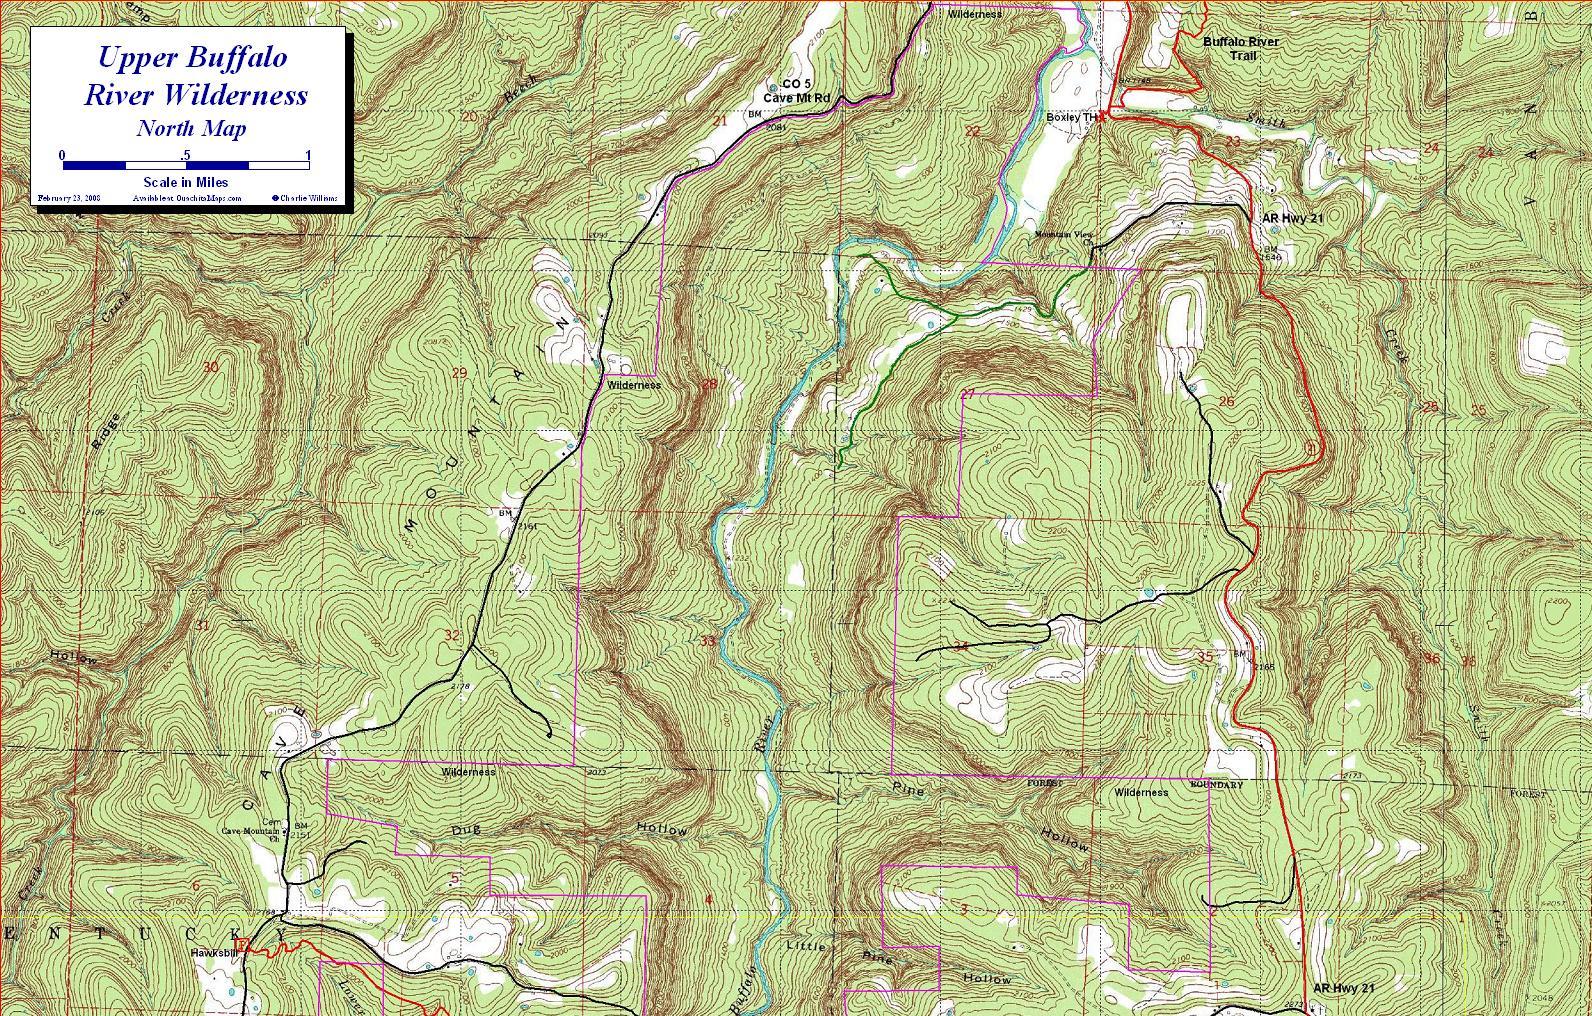 Boxley Valley Arkansas Map.Upper Buffalo River Wilderness Ozark Mountains Arkansas